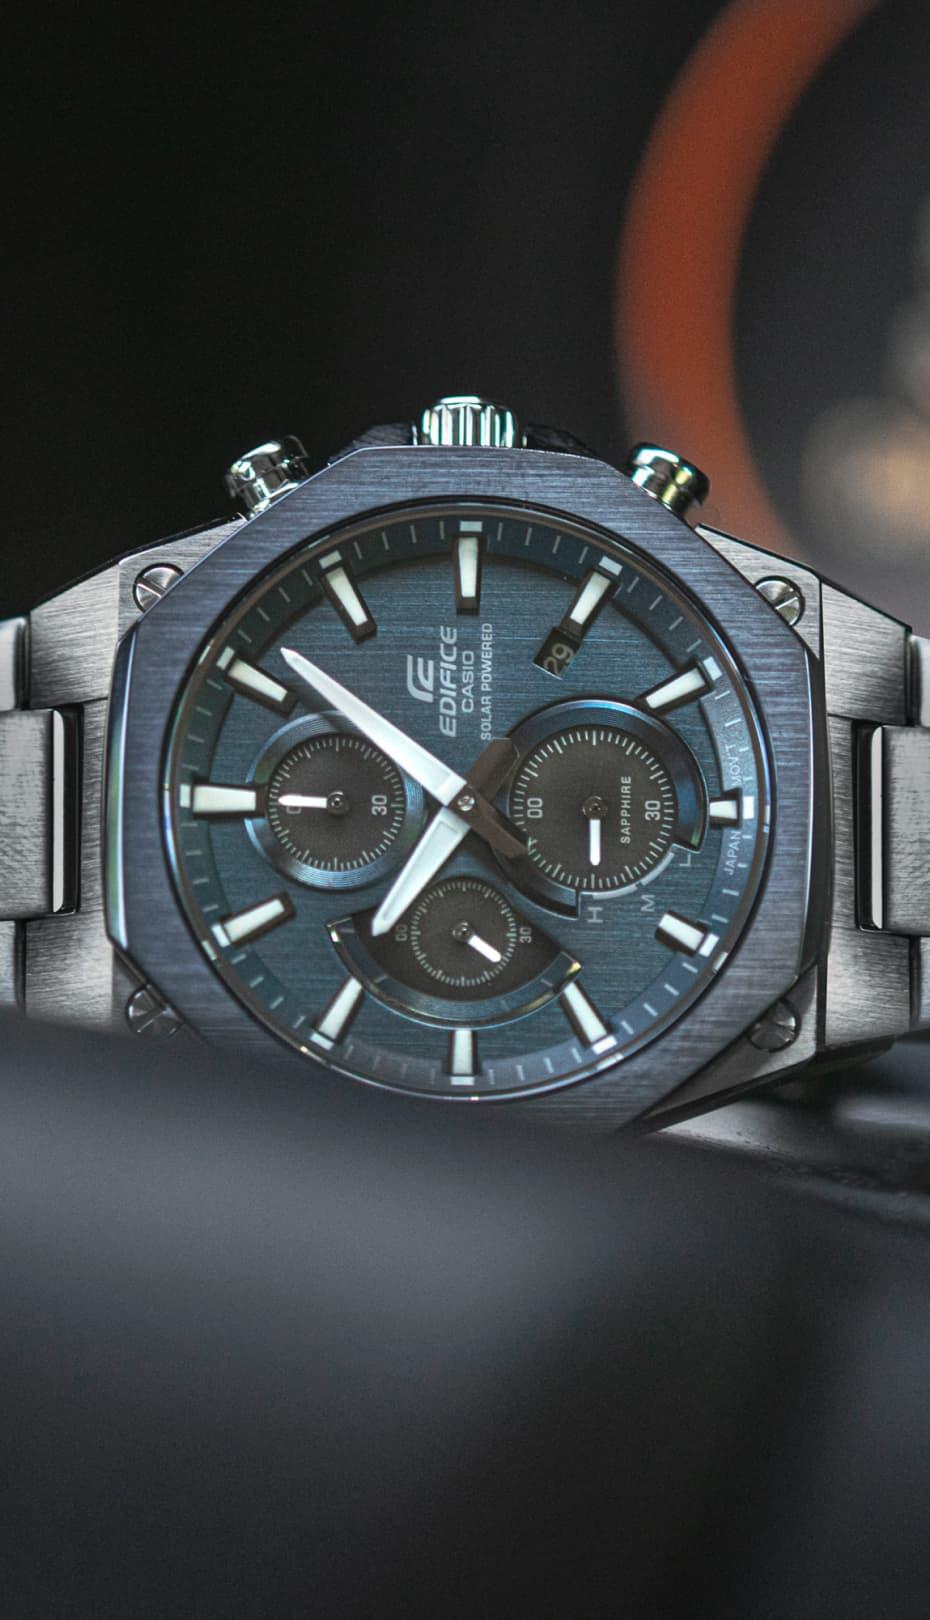 reloj gris y azul de metal de CASIO sobre el salpicadero de un coche